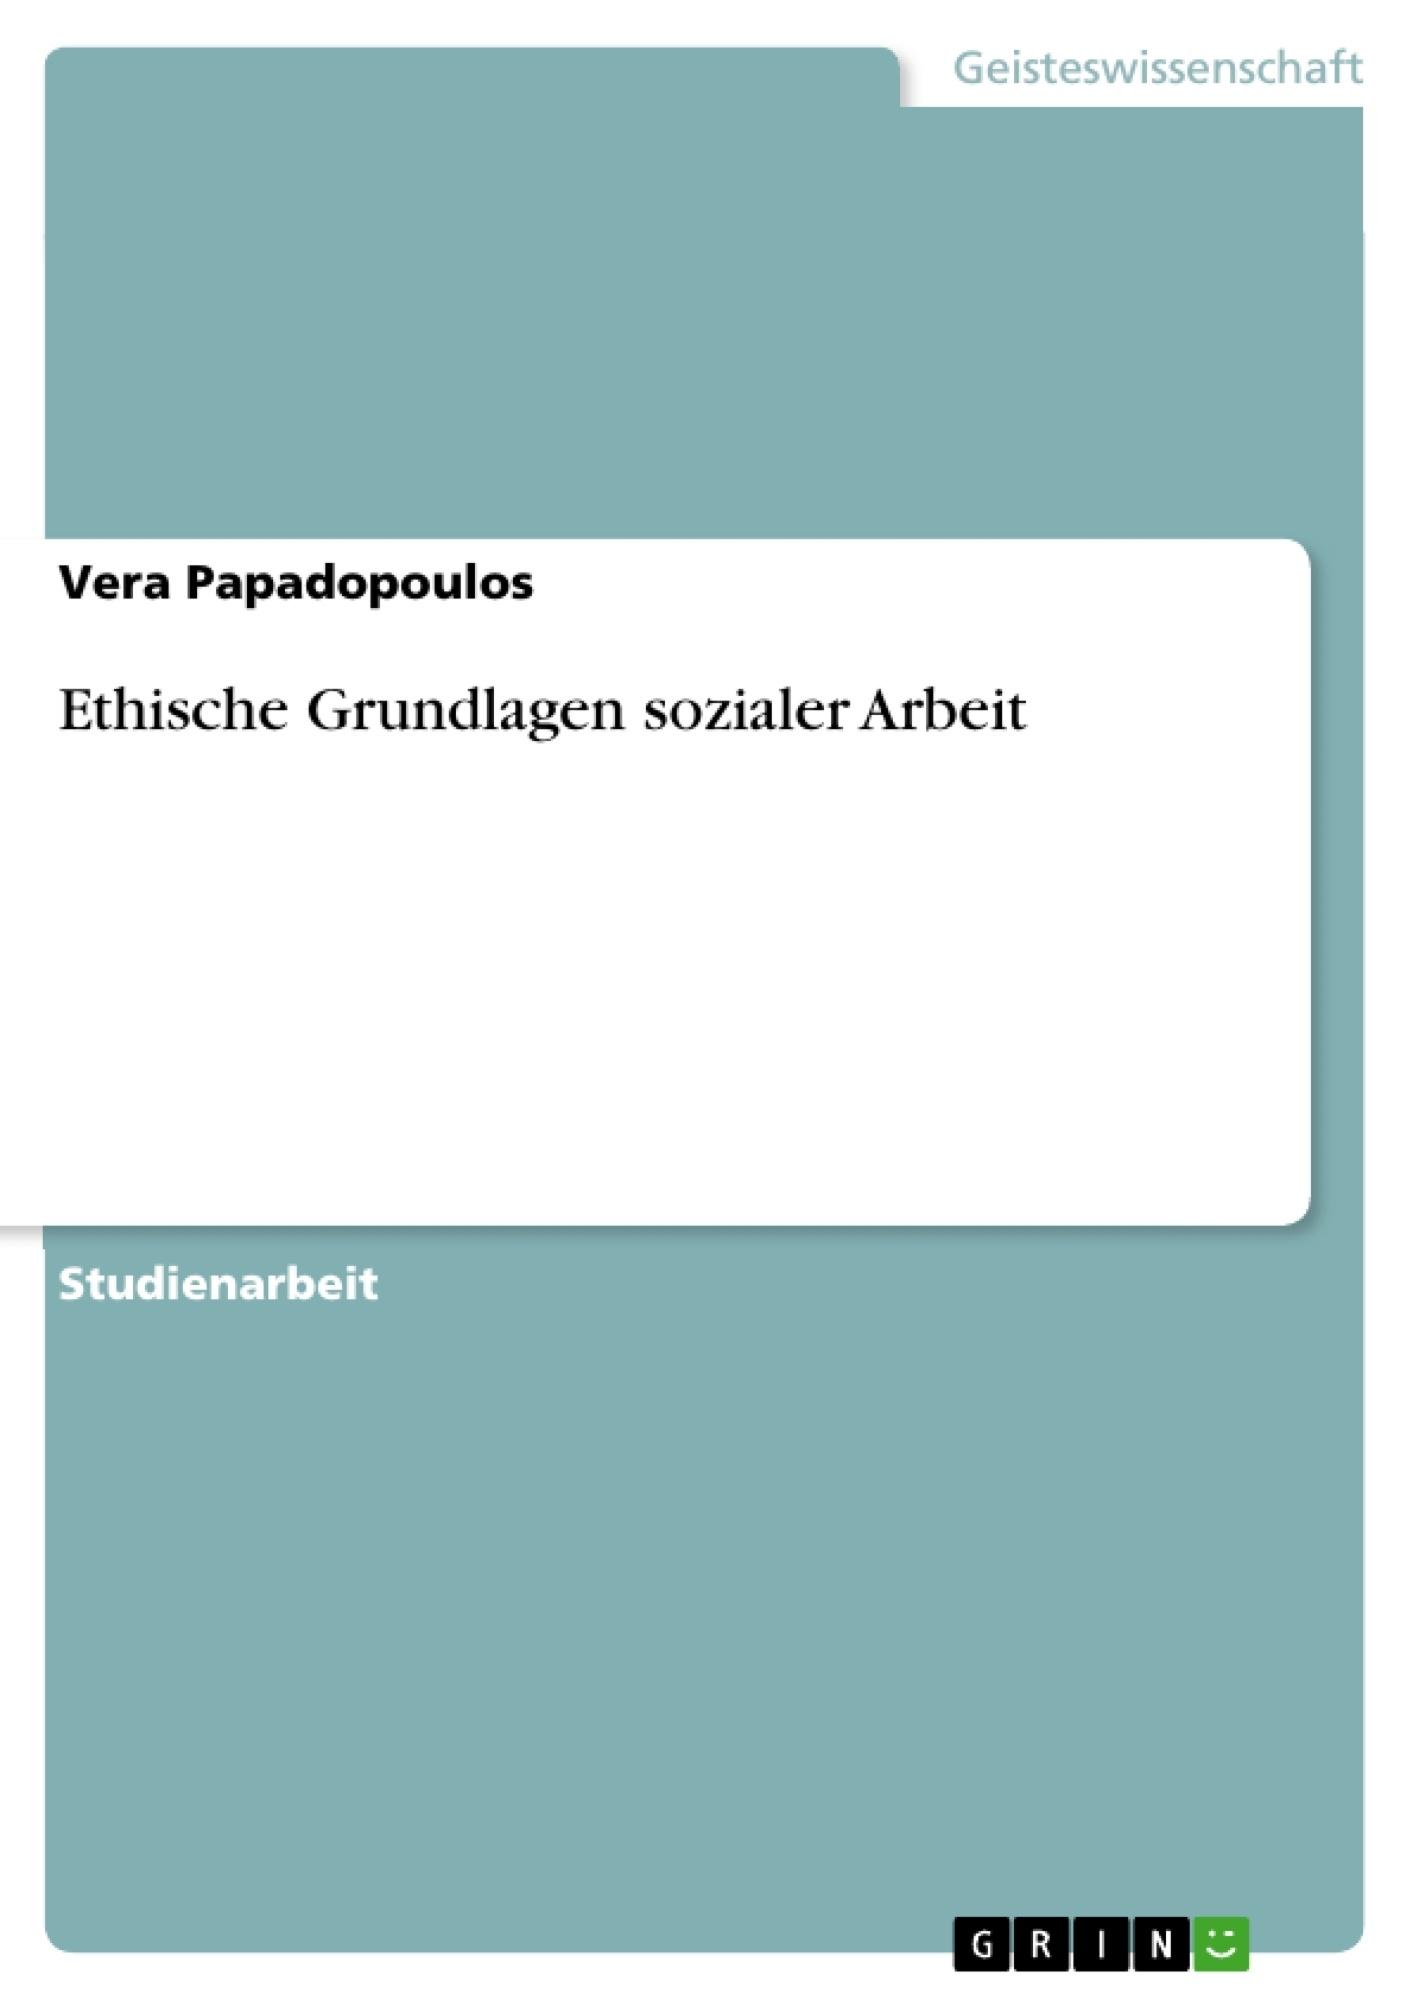 Titel: Ethische Grundlagen sozialer Arbeit